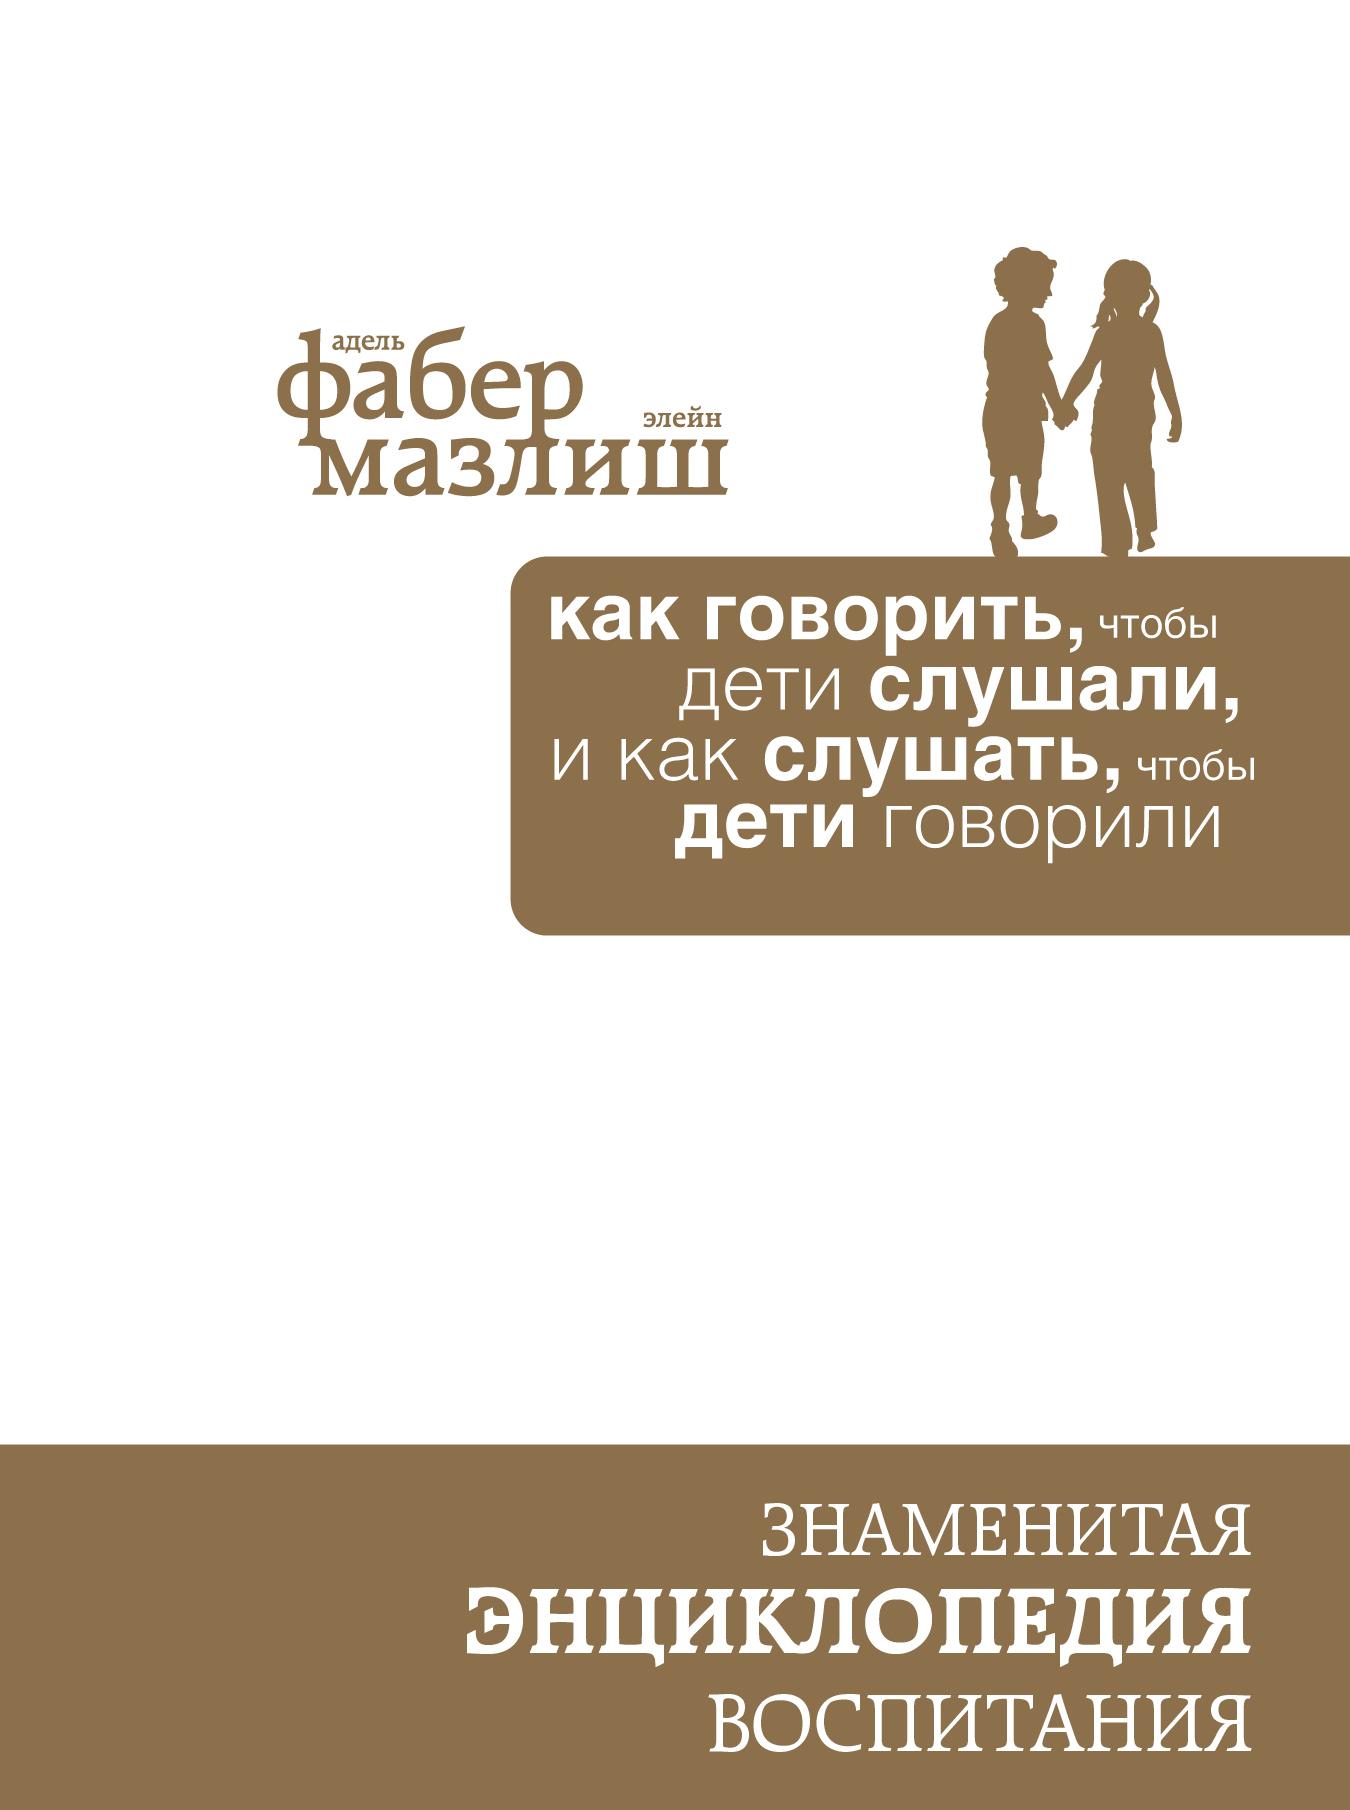 Как говорить, чтобы дети слушали, и как слушать, чтобы дети говорили (подар) (комплект)